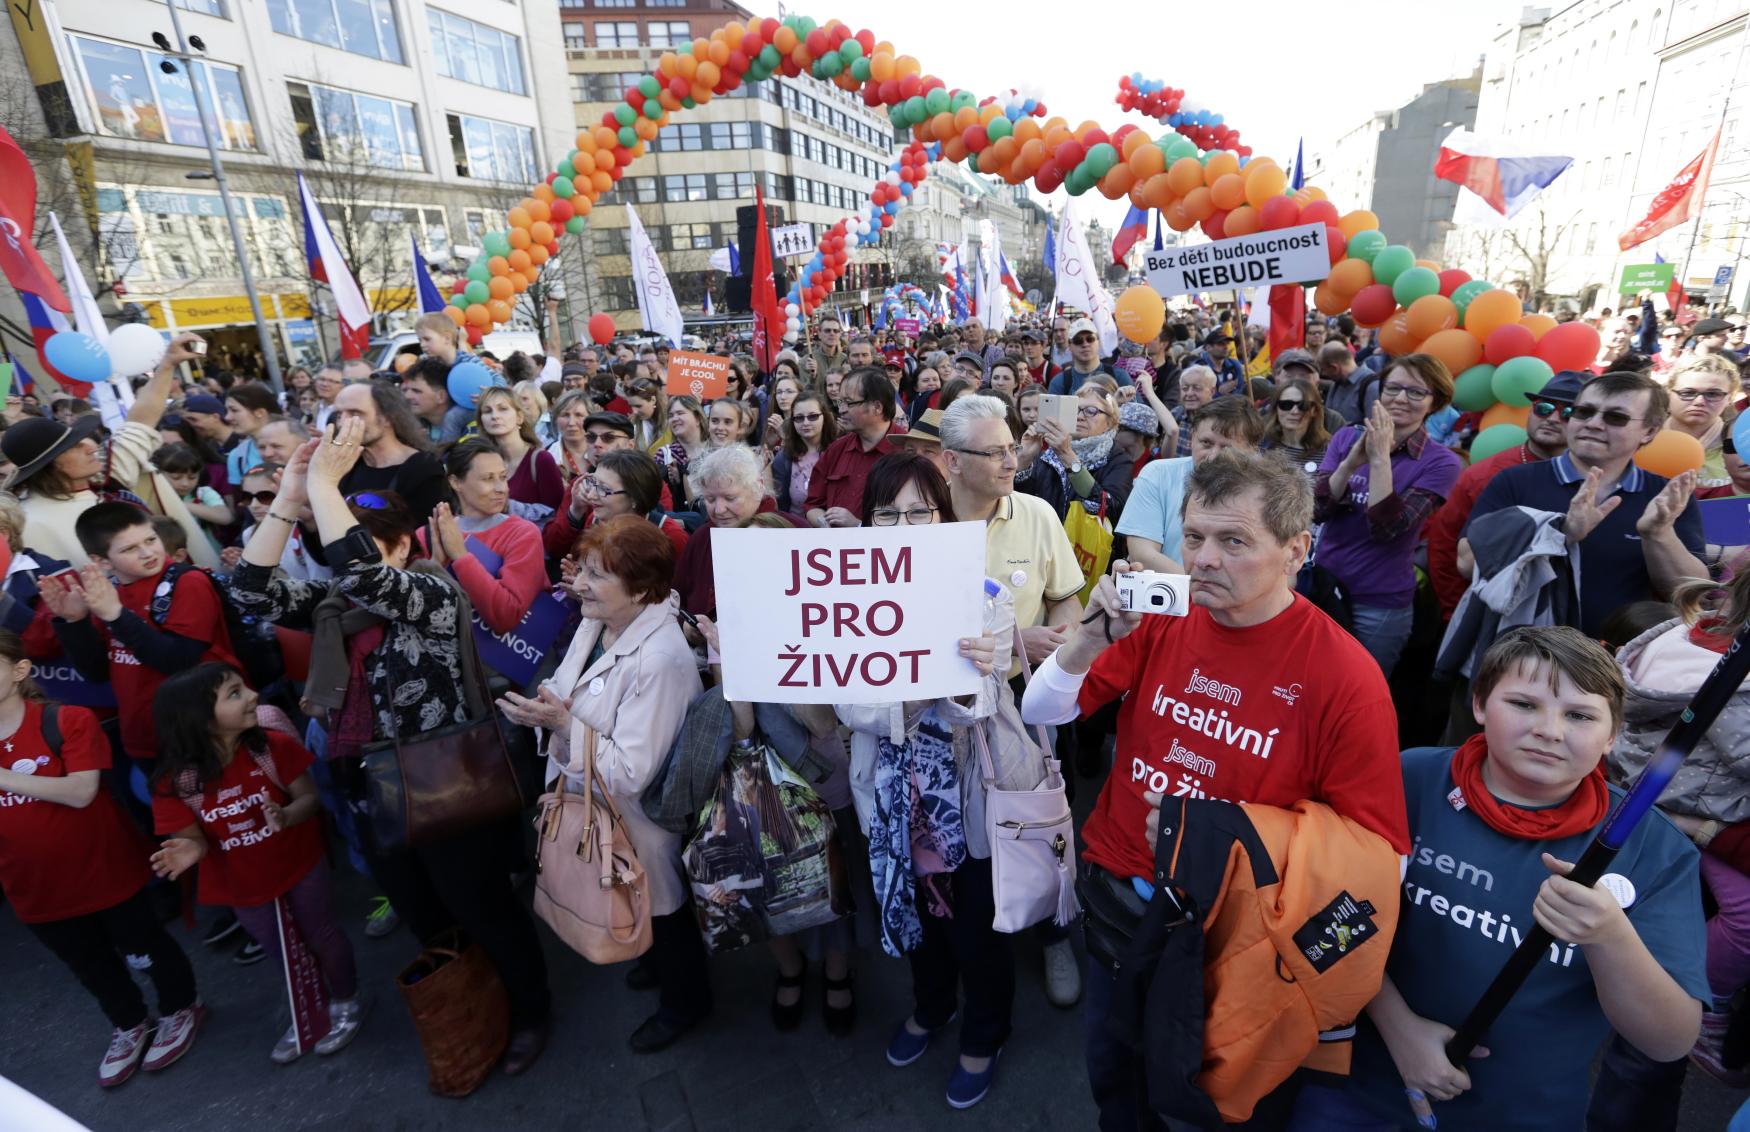 Národní pochod pro život a rodinu